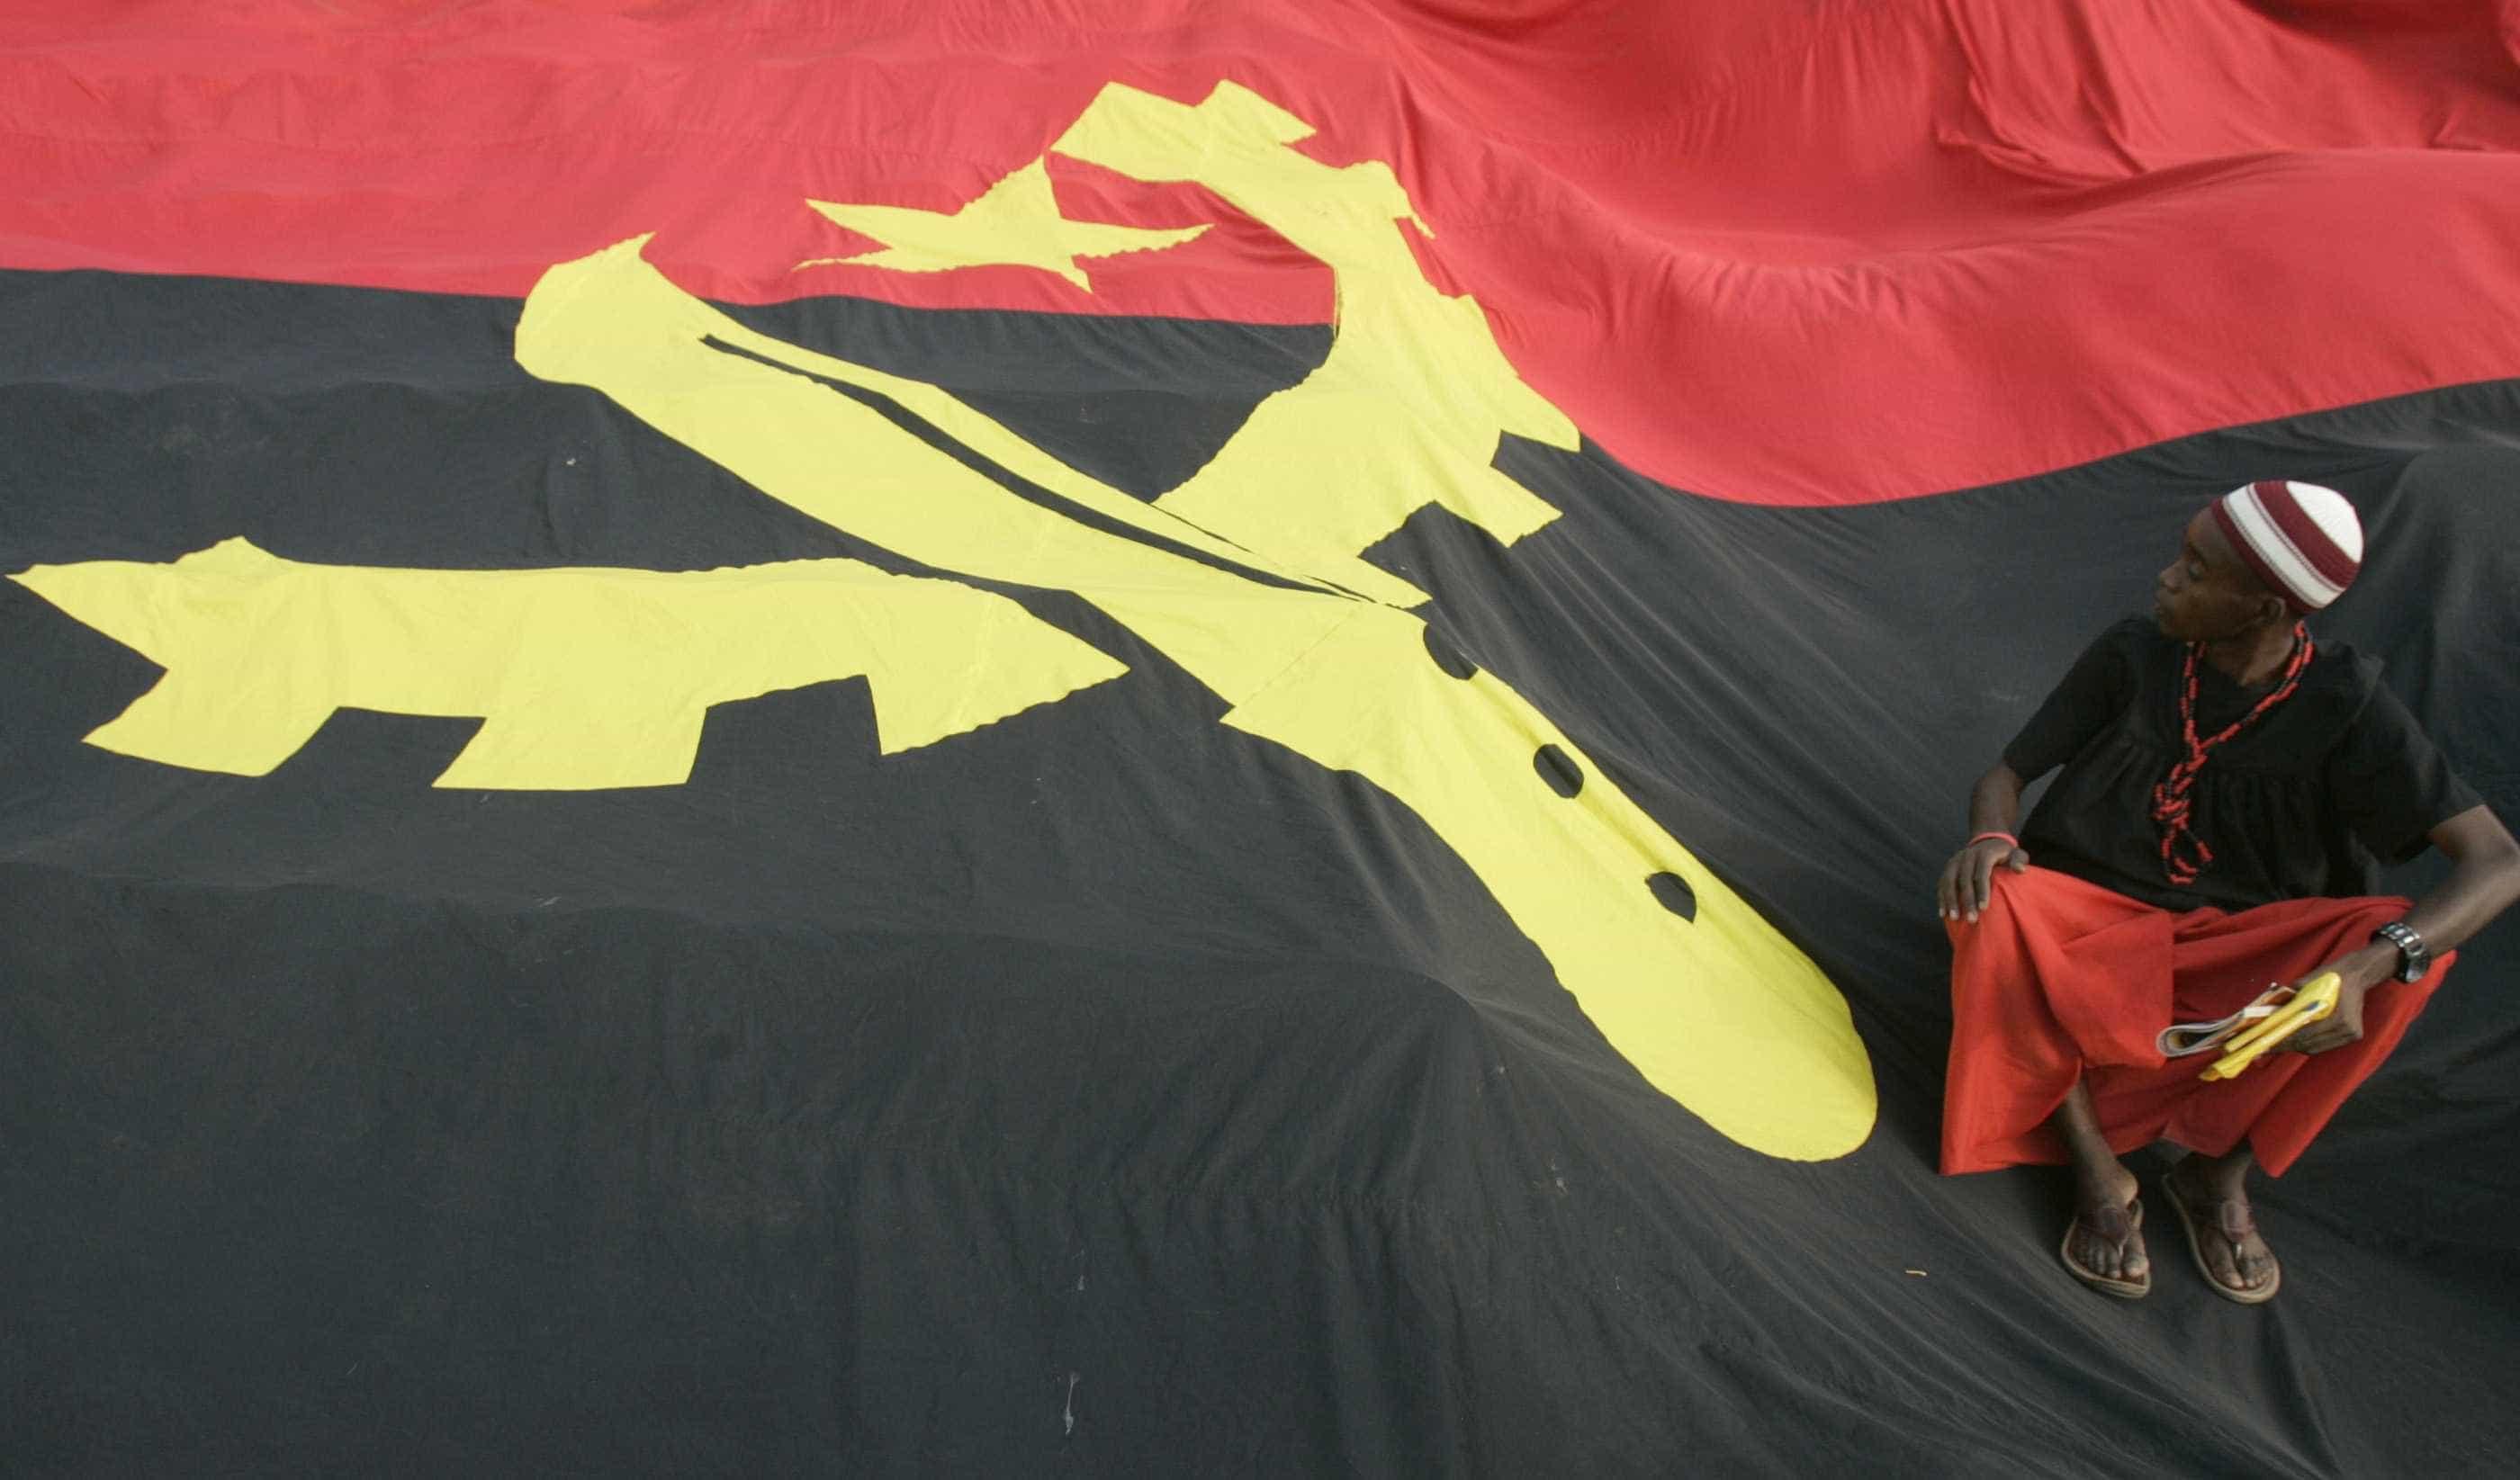 Salário mínimo em Angola vai subir 57% a partir de janeiro